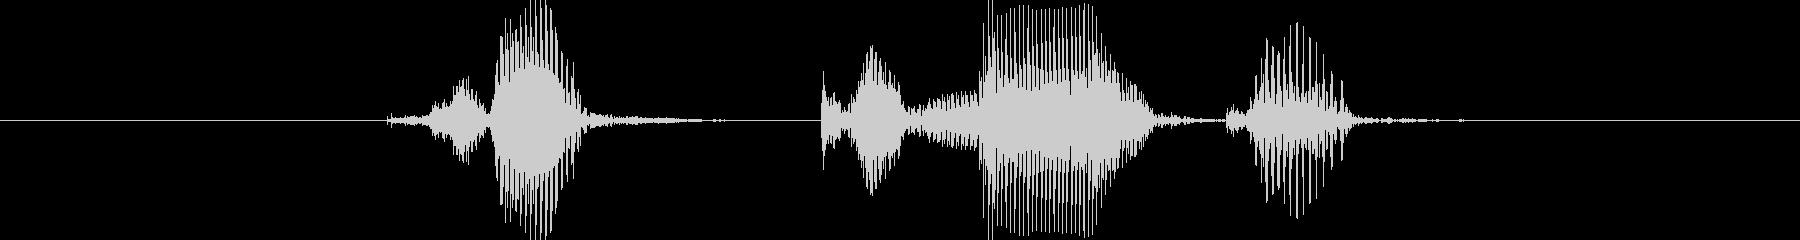 チェックメイト(男の子)の未再生の波形